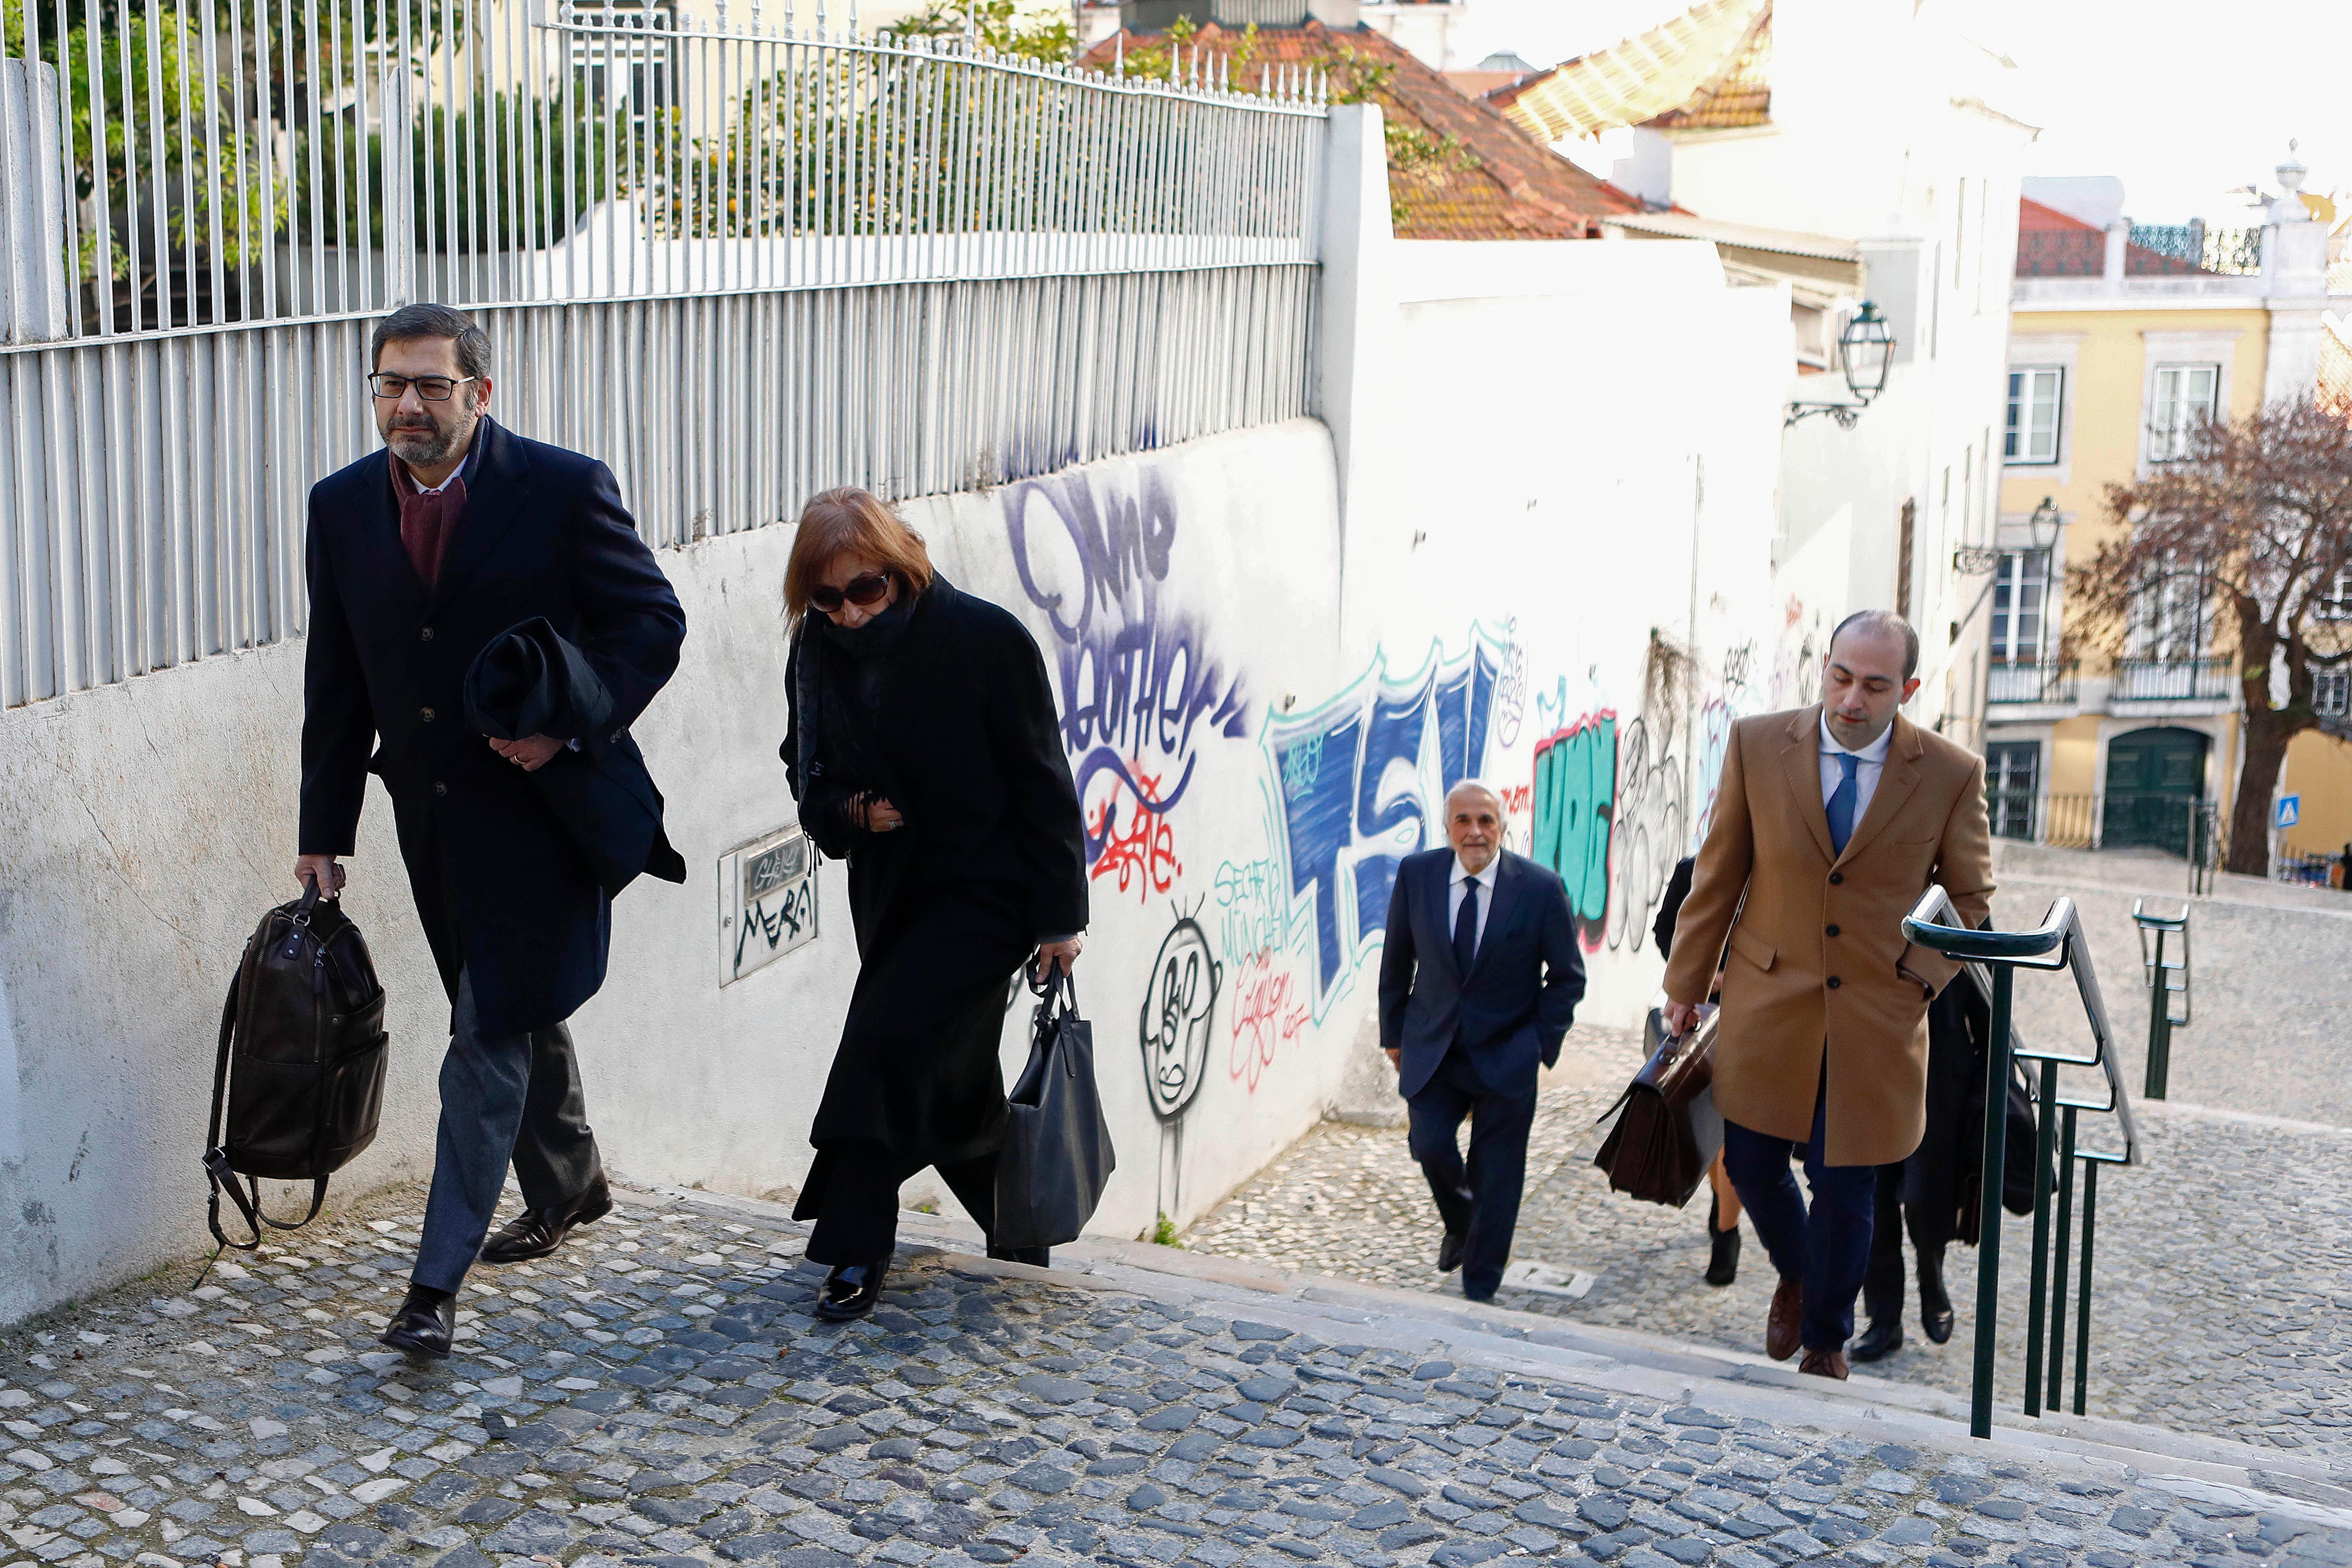 Advogado Paulo Sá e Cunha, juíza desembargadora Fátima Galante, advogado João Nabais e desembargador Rui Rangel